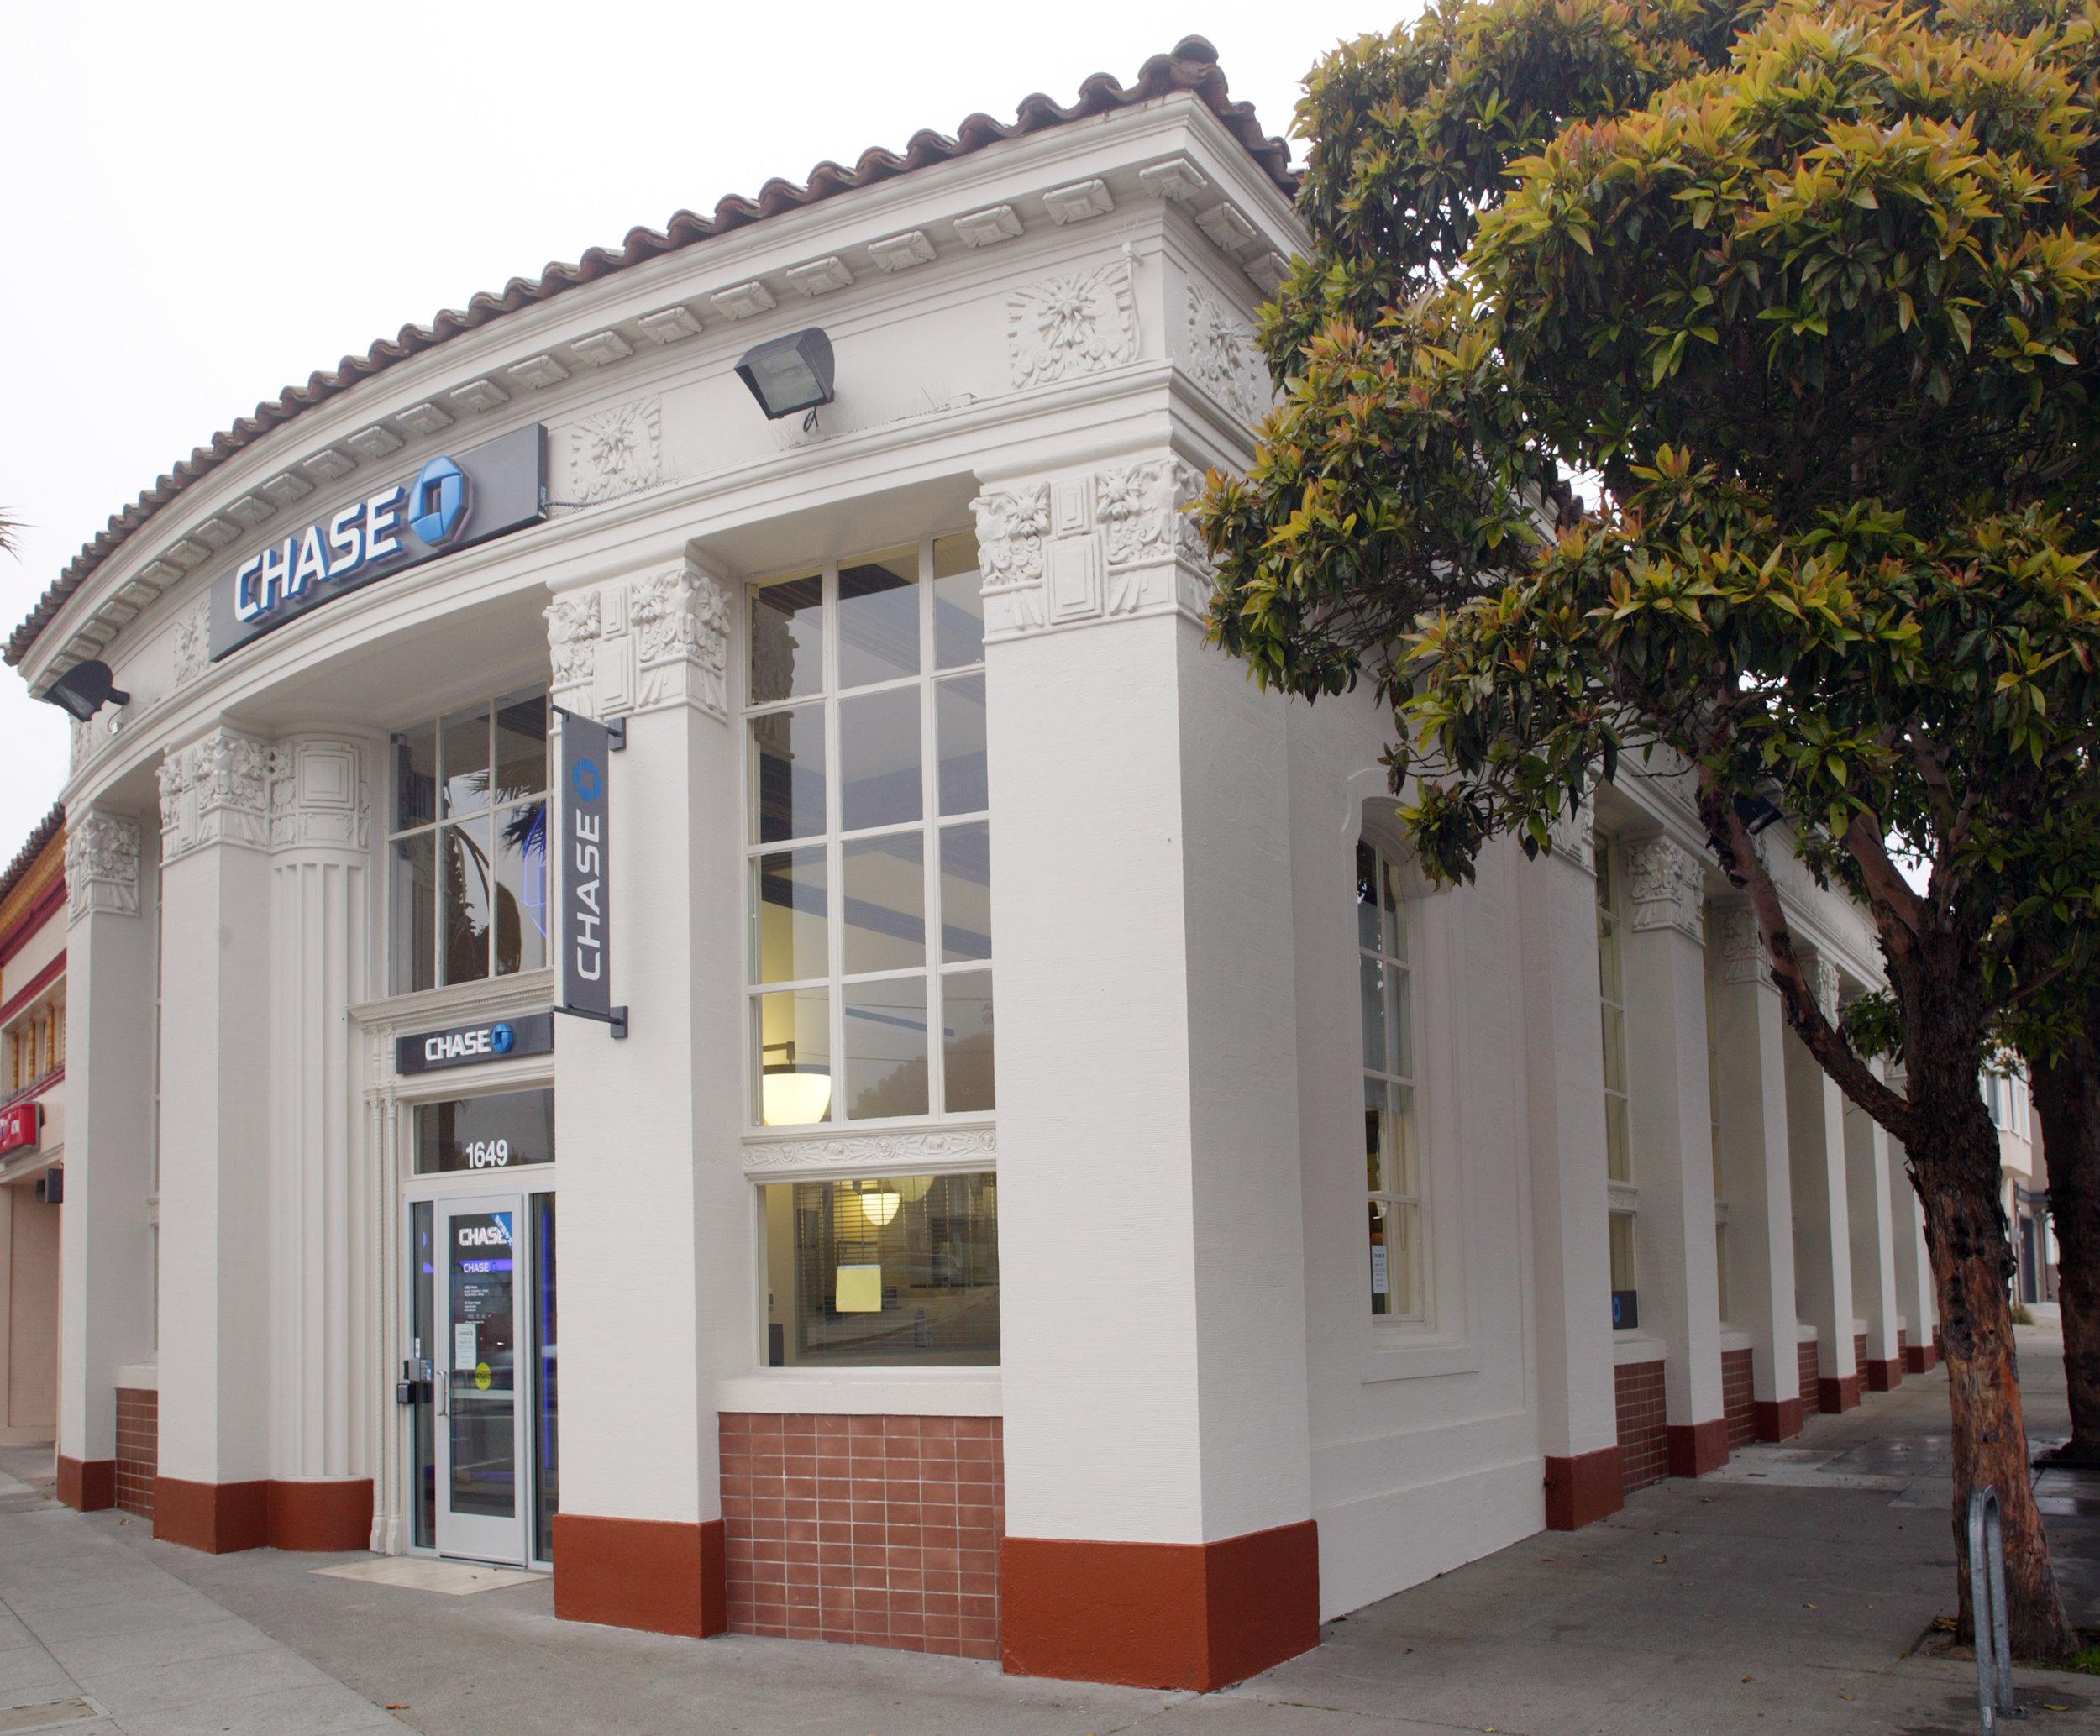 CHASE BANK, SAN FRANCISCO CA